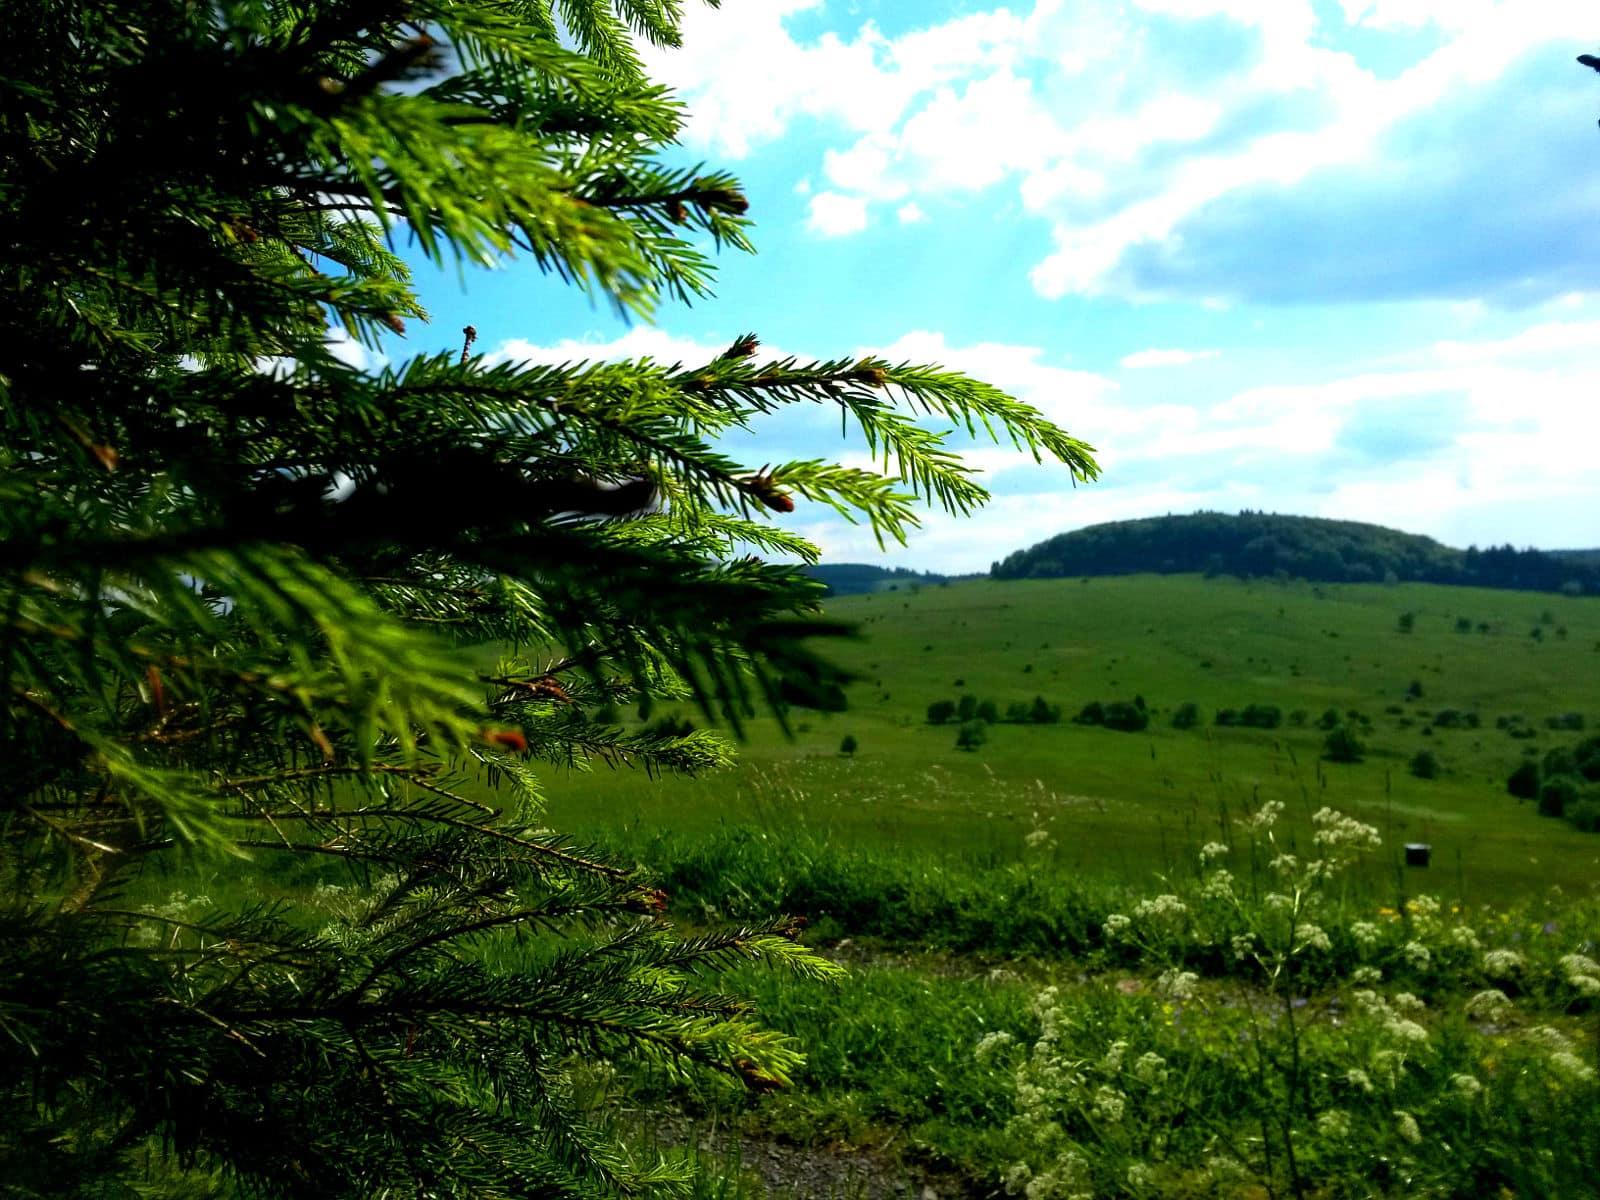 sattes Grün in den Hochlagen der Rhön